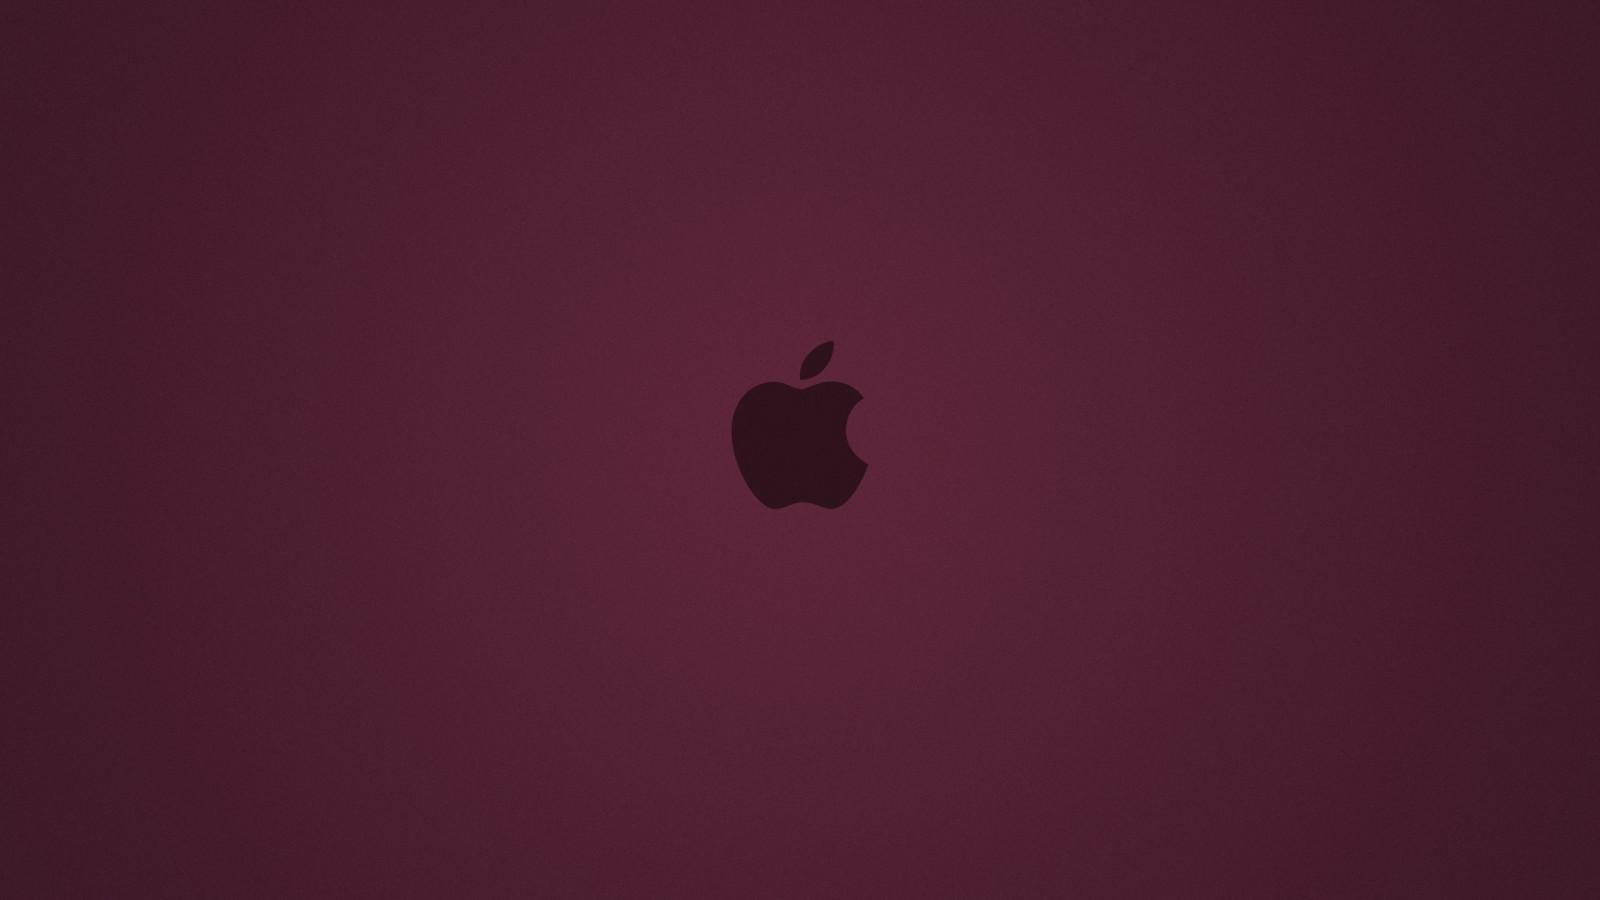 Fond d 39 cran pomme mac marque contexte logo fonc for Fond ecran marque